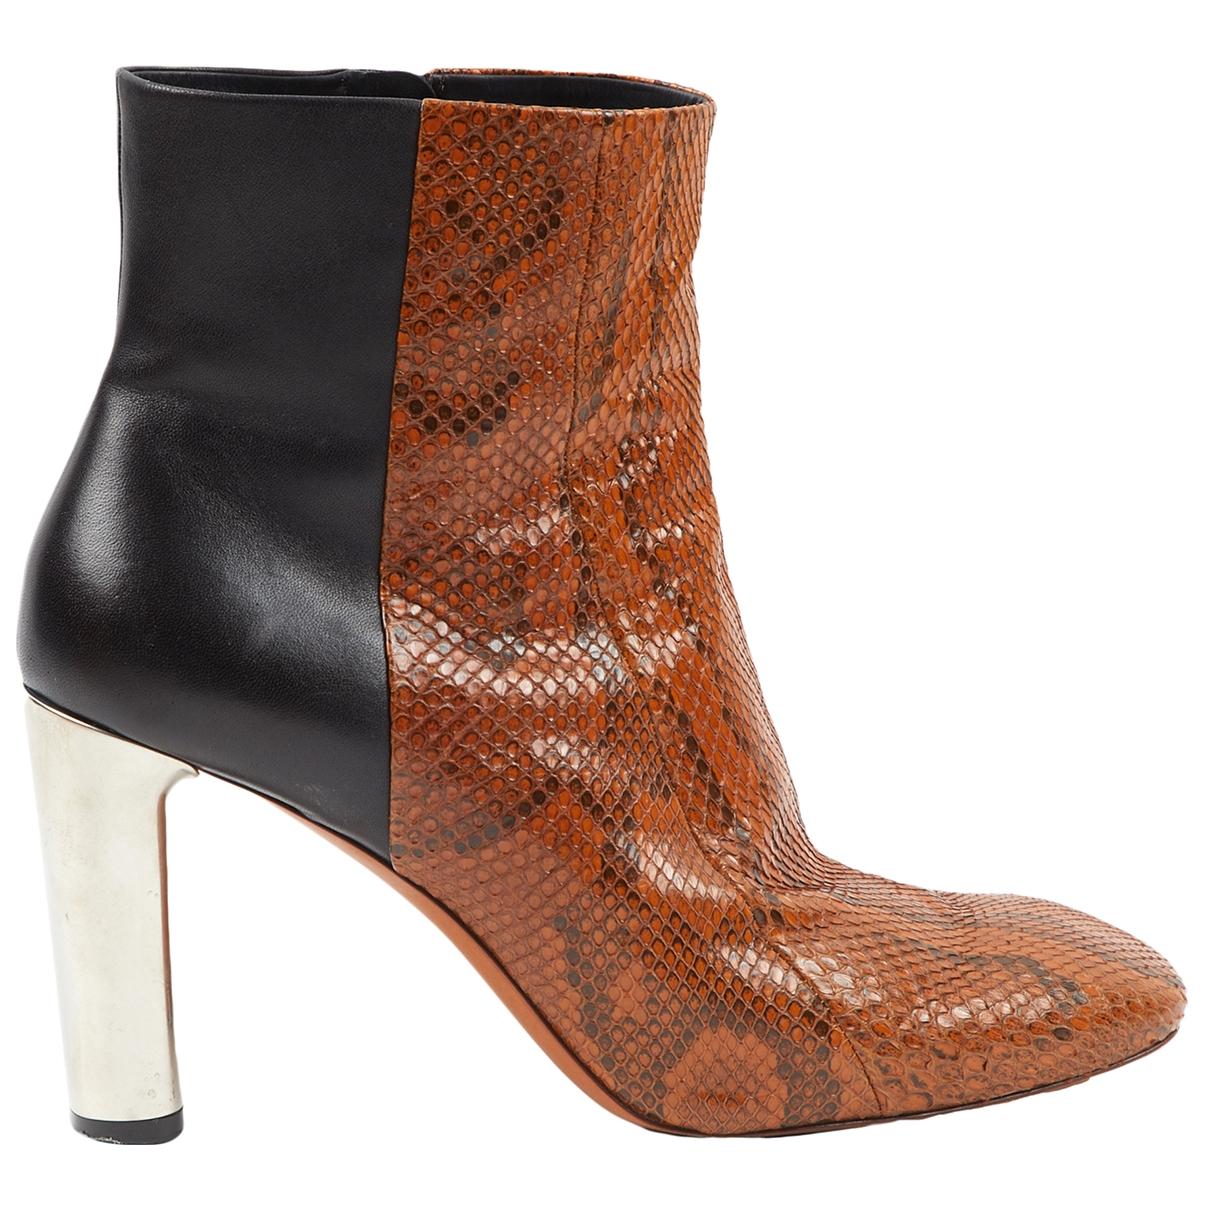 Celine - Boots   pour femme en serpent deau - camel